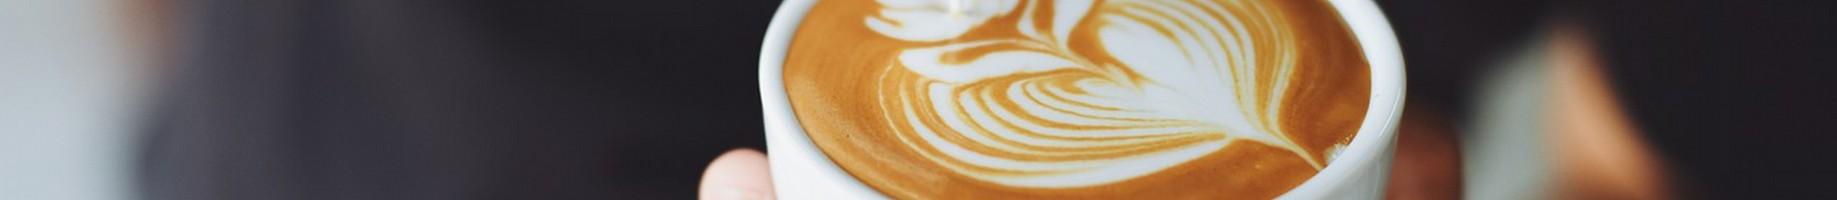 coffee-2589759_1280